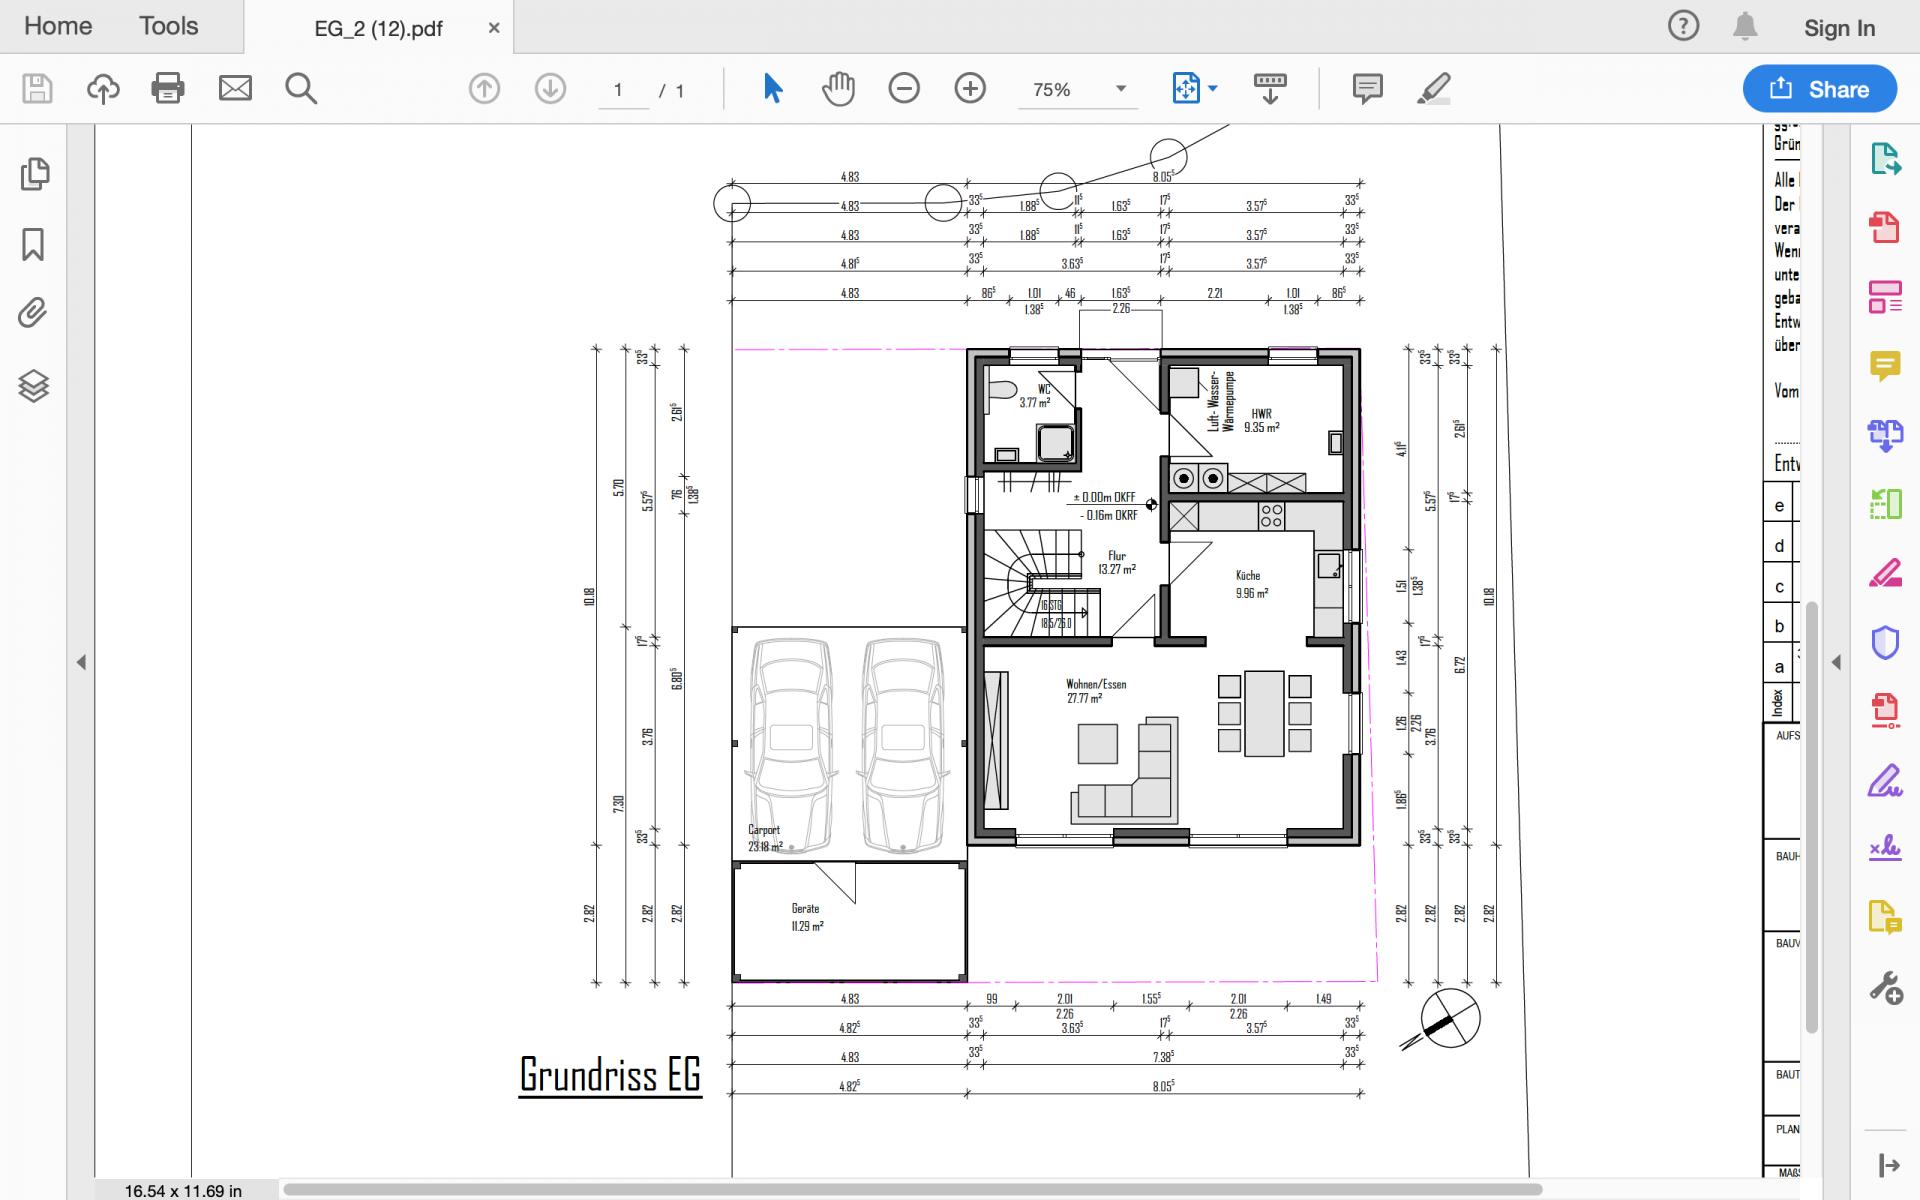 Grundriss Ideen für klein haus 120 m² Ihre Meinung bitte.